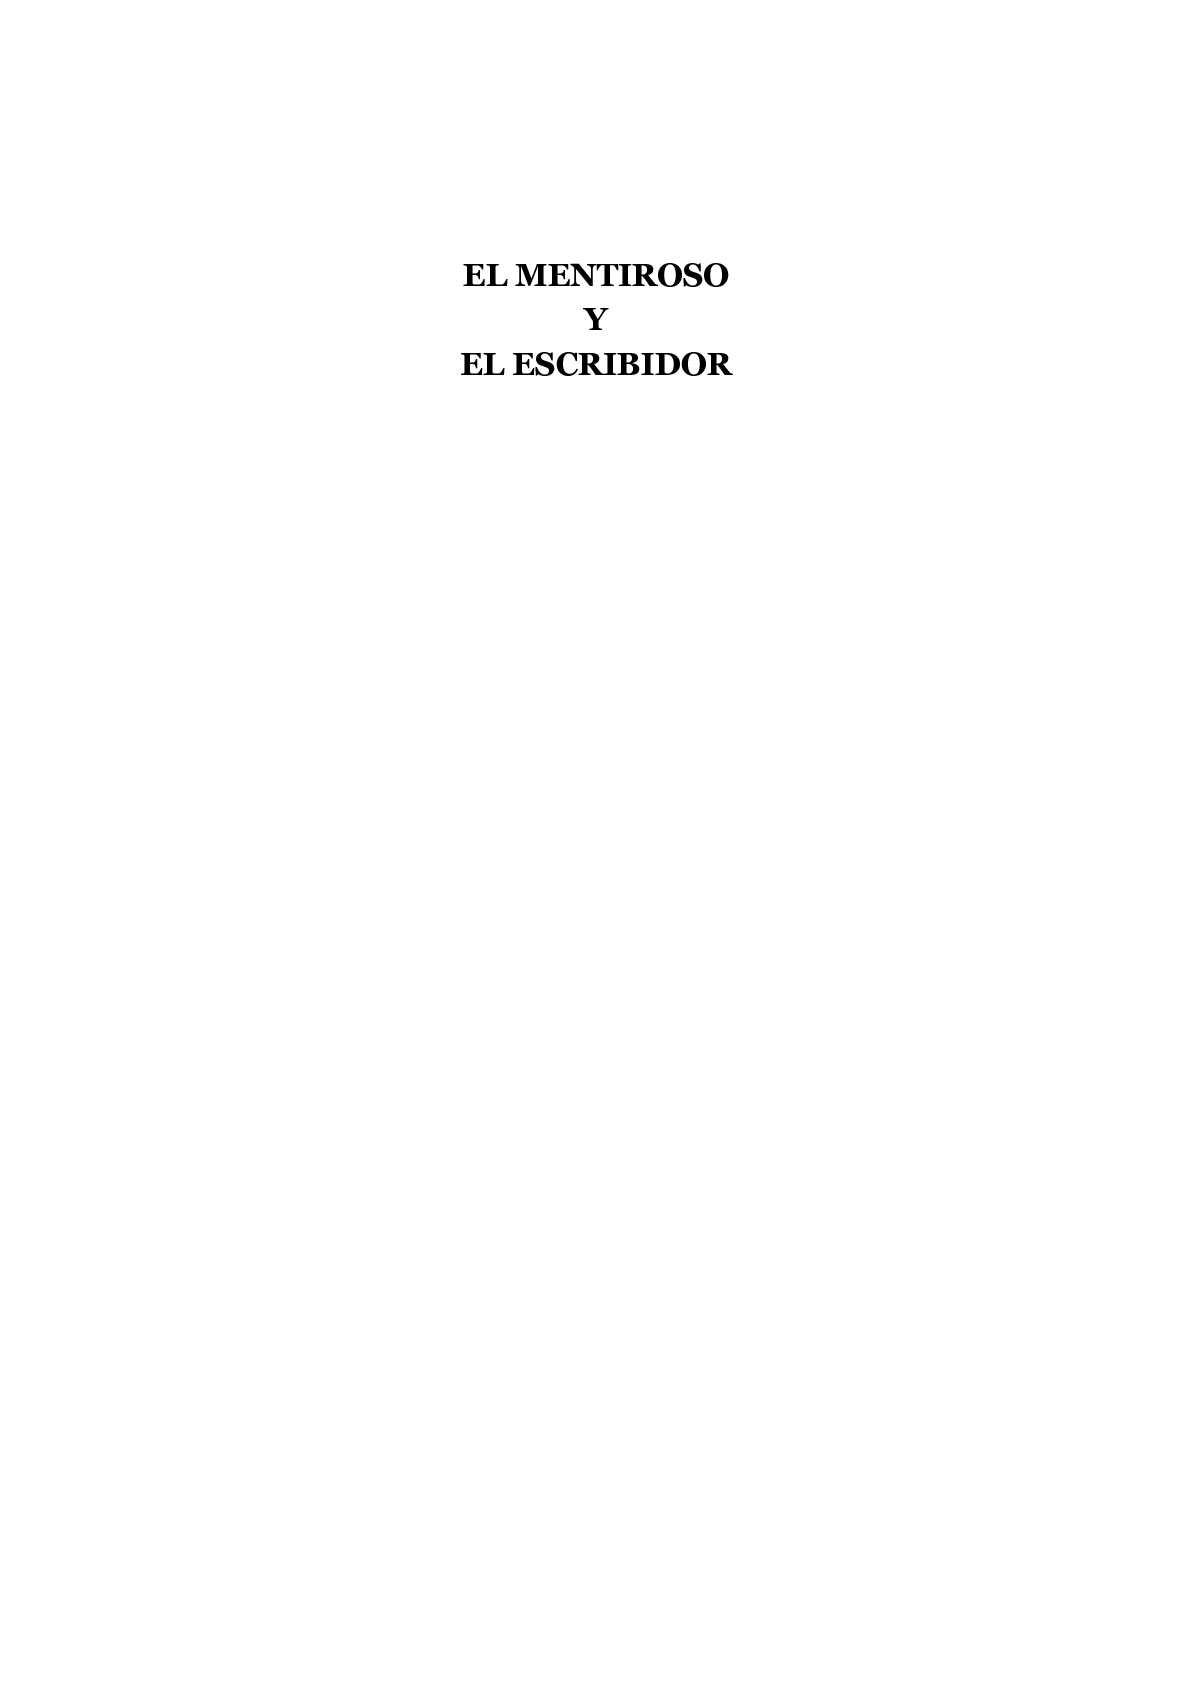 Calaméo - El mentiroso y el escribidor: teoría y práctica literarias ...